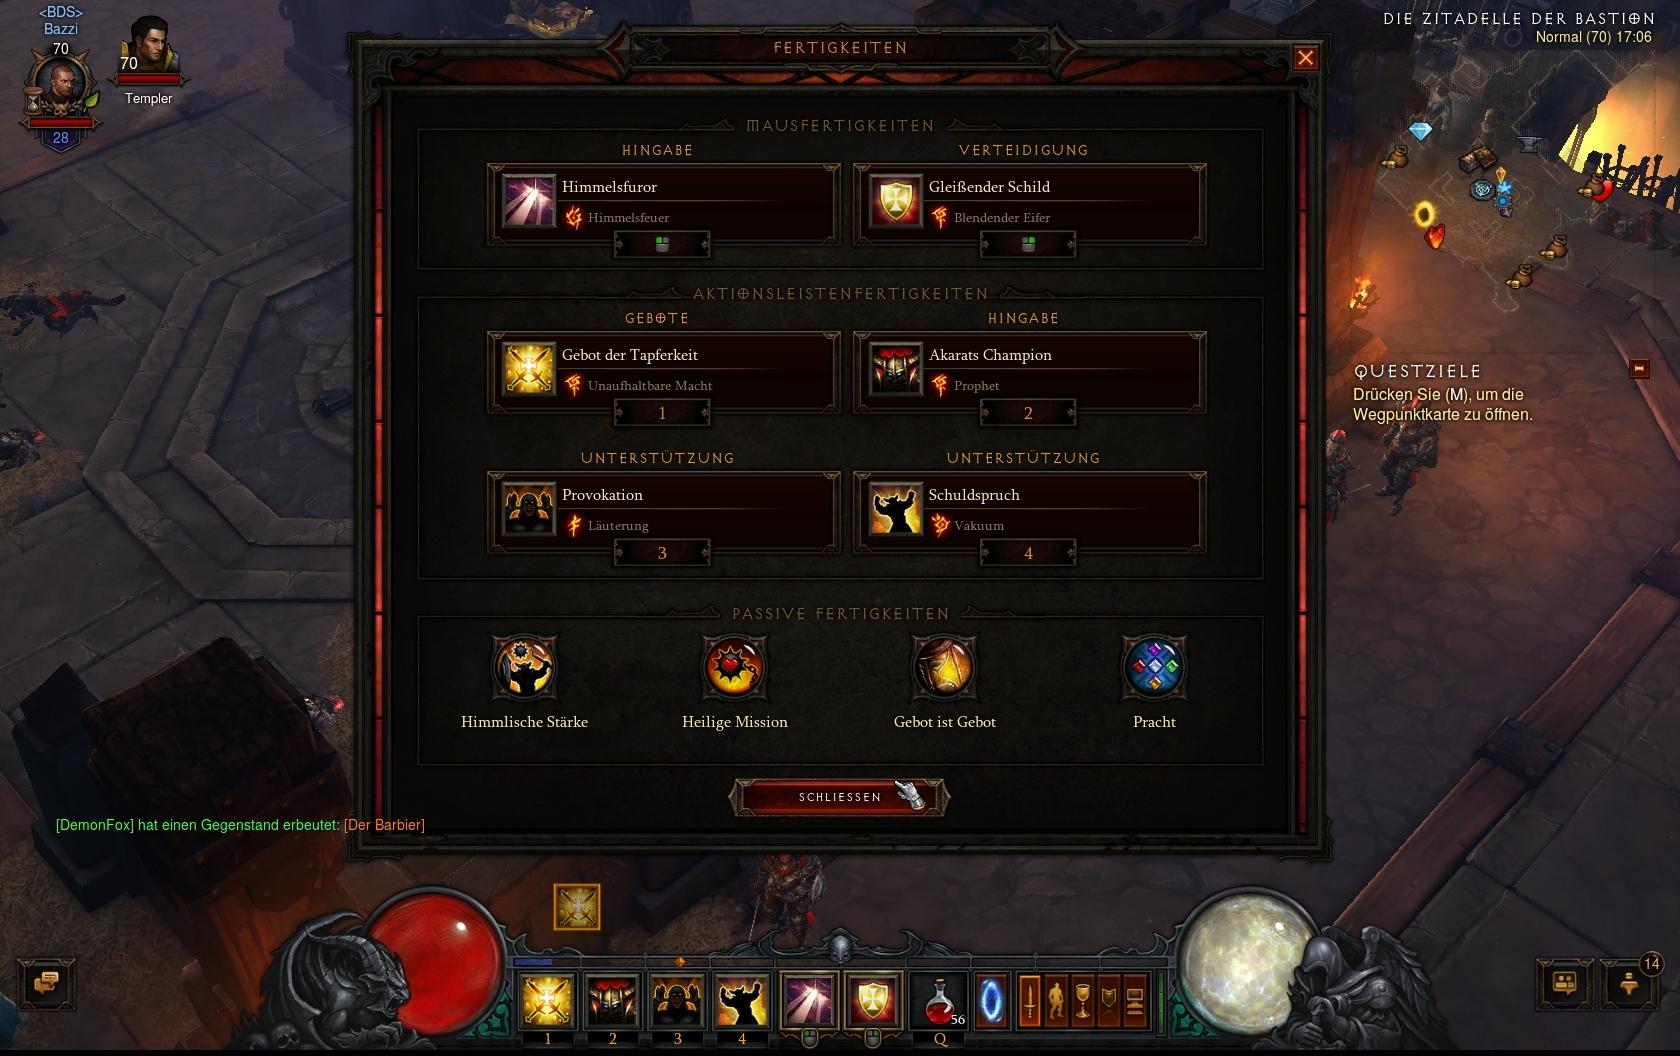 http://abload.de/img/screenshot000wfqxq.jpg